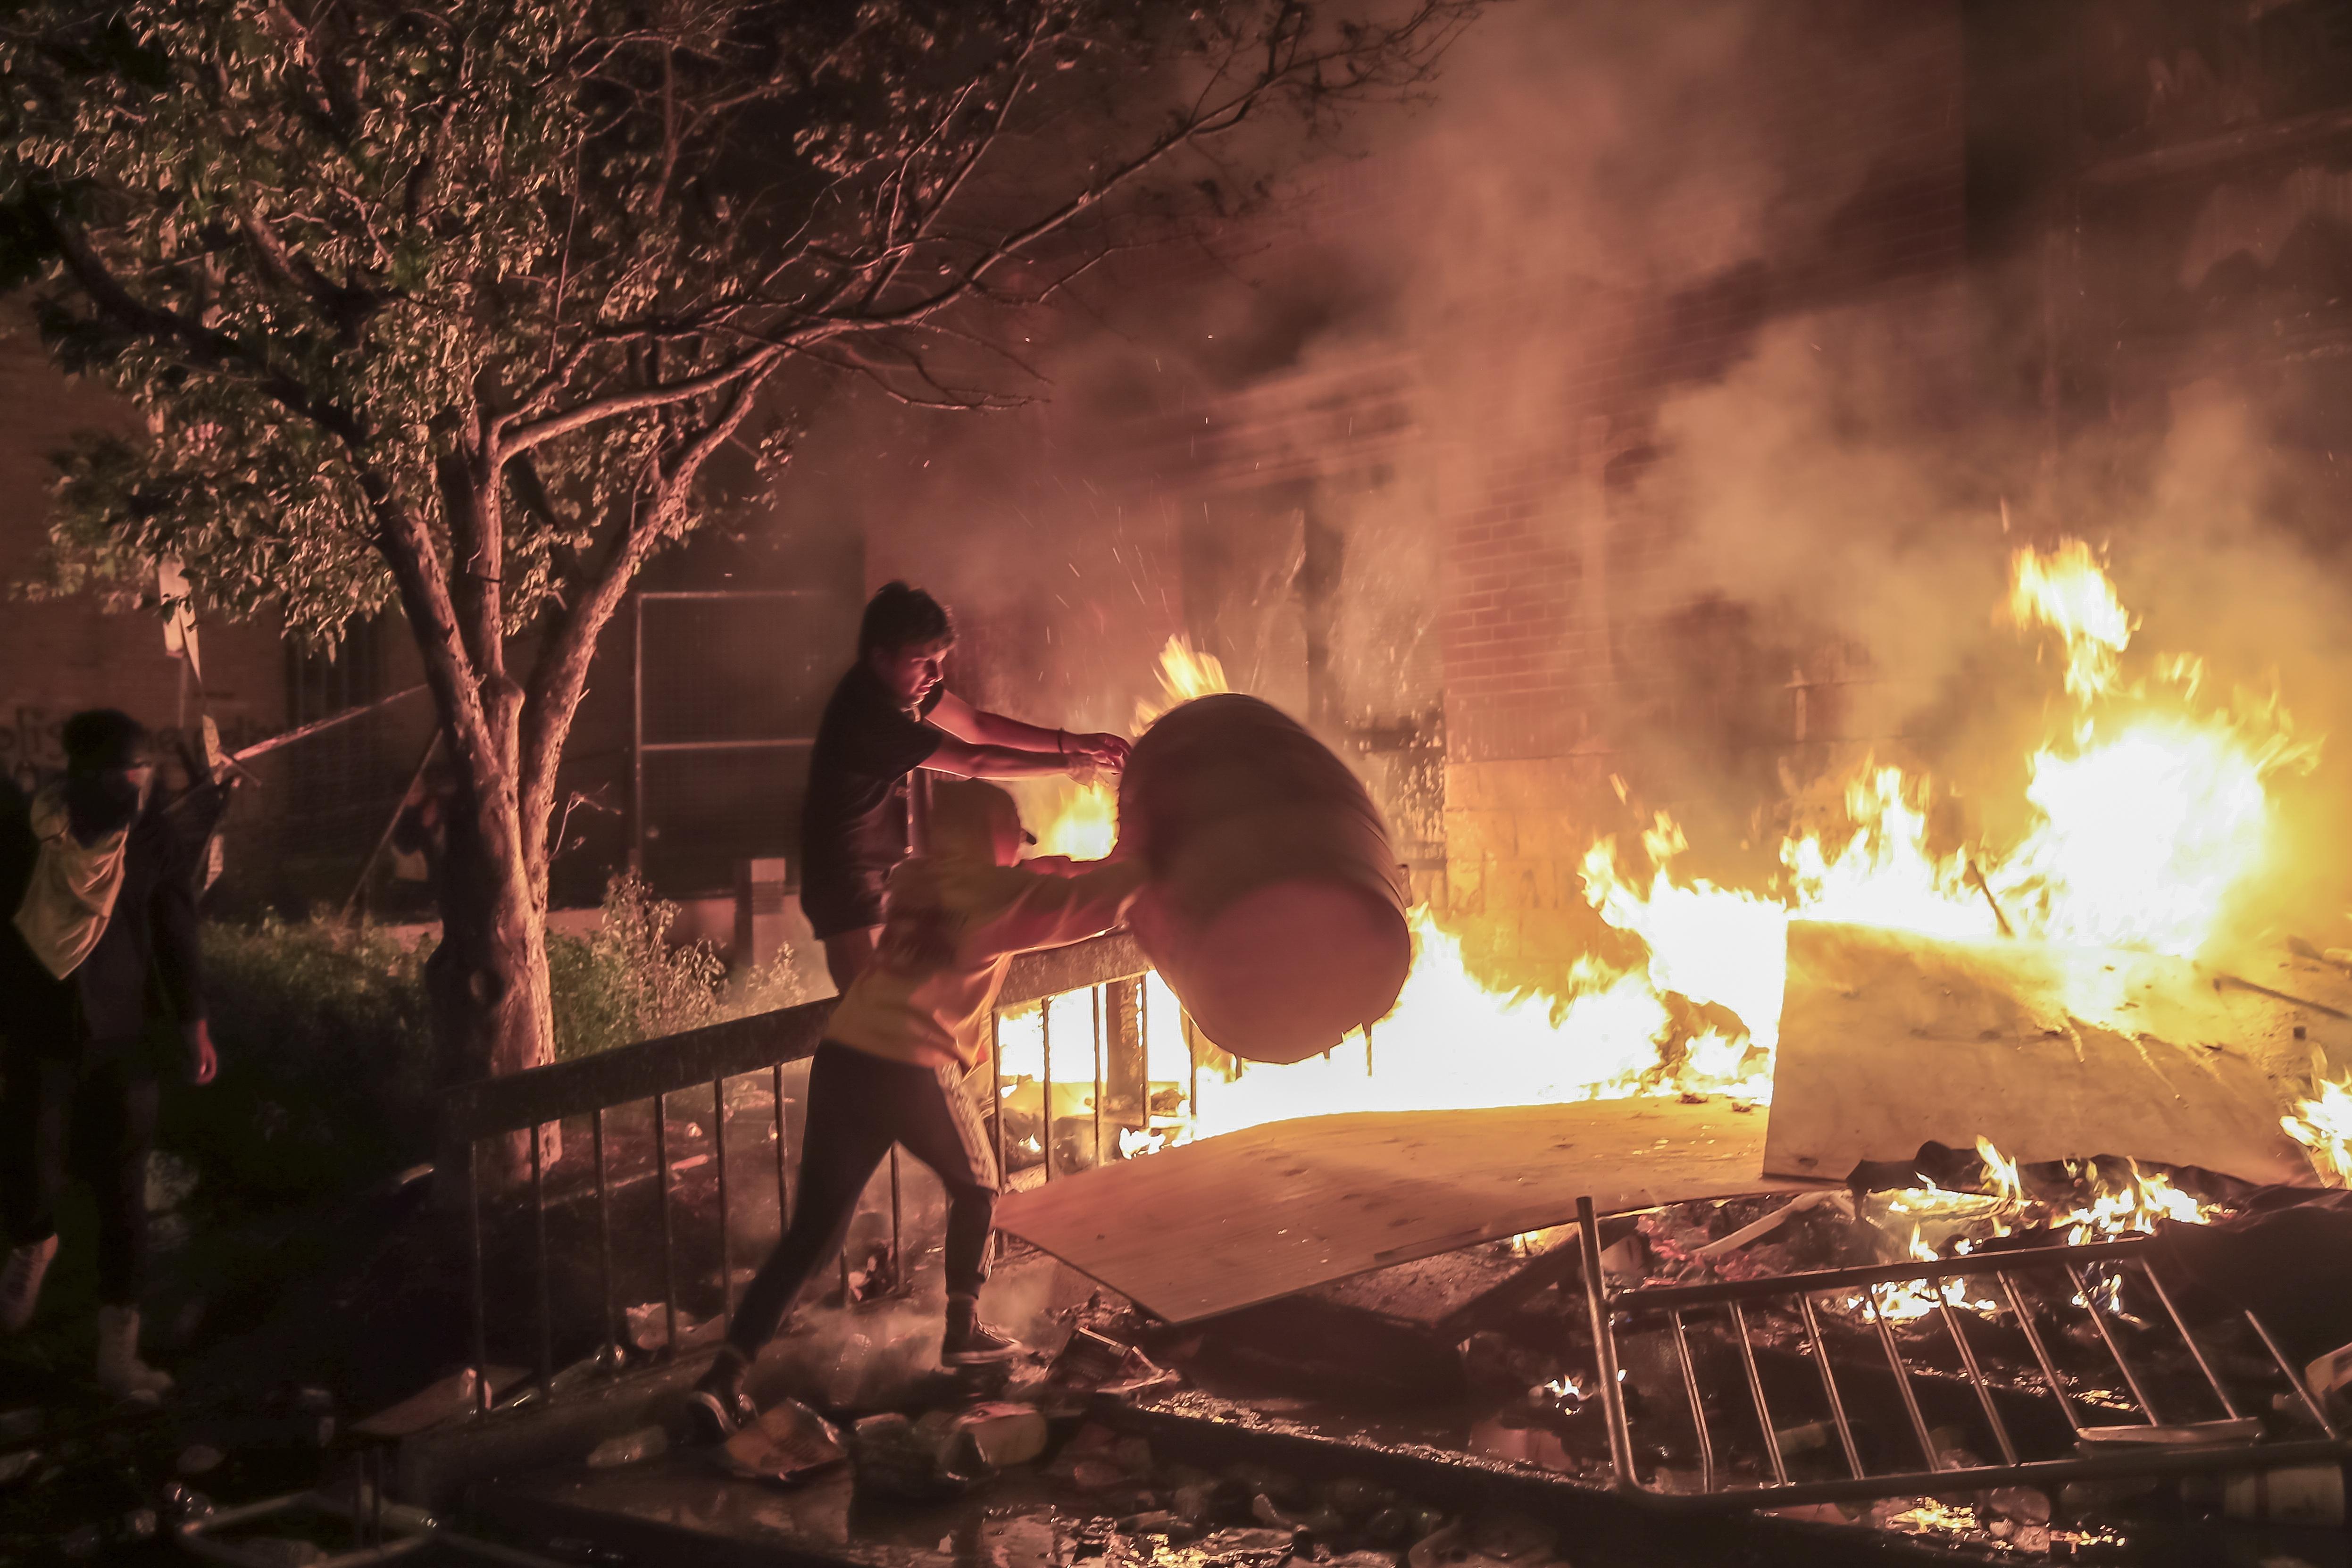 Хиляди хора участваха снощи в сблъсъци с полицията и палеха сгради и автомобили в Минеаполис. До бунтовете се стигна след убийството на чернокож при арест. Протестната вълна се разпространи и в съседните щати.